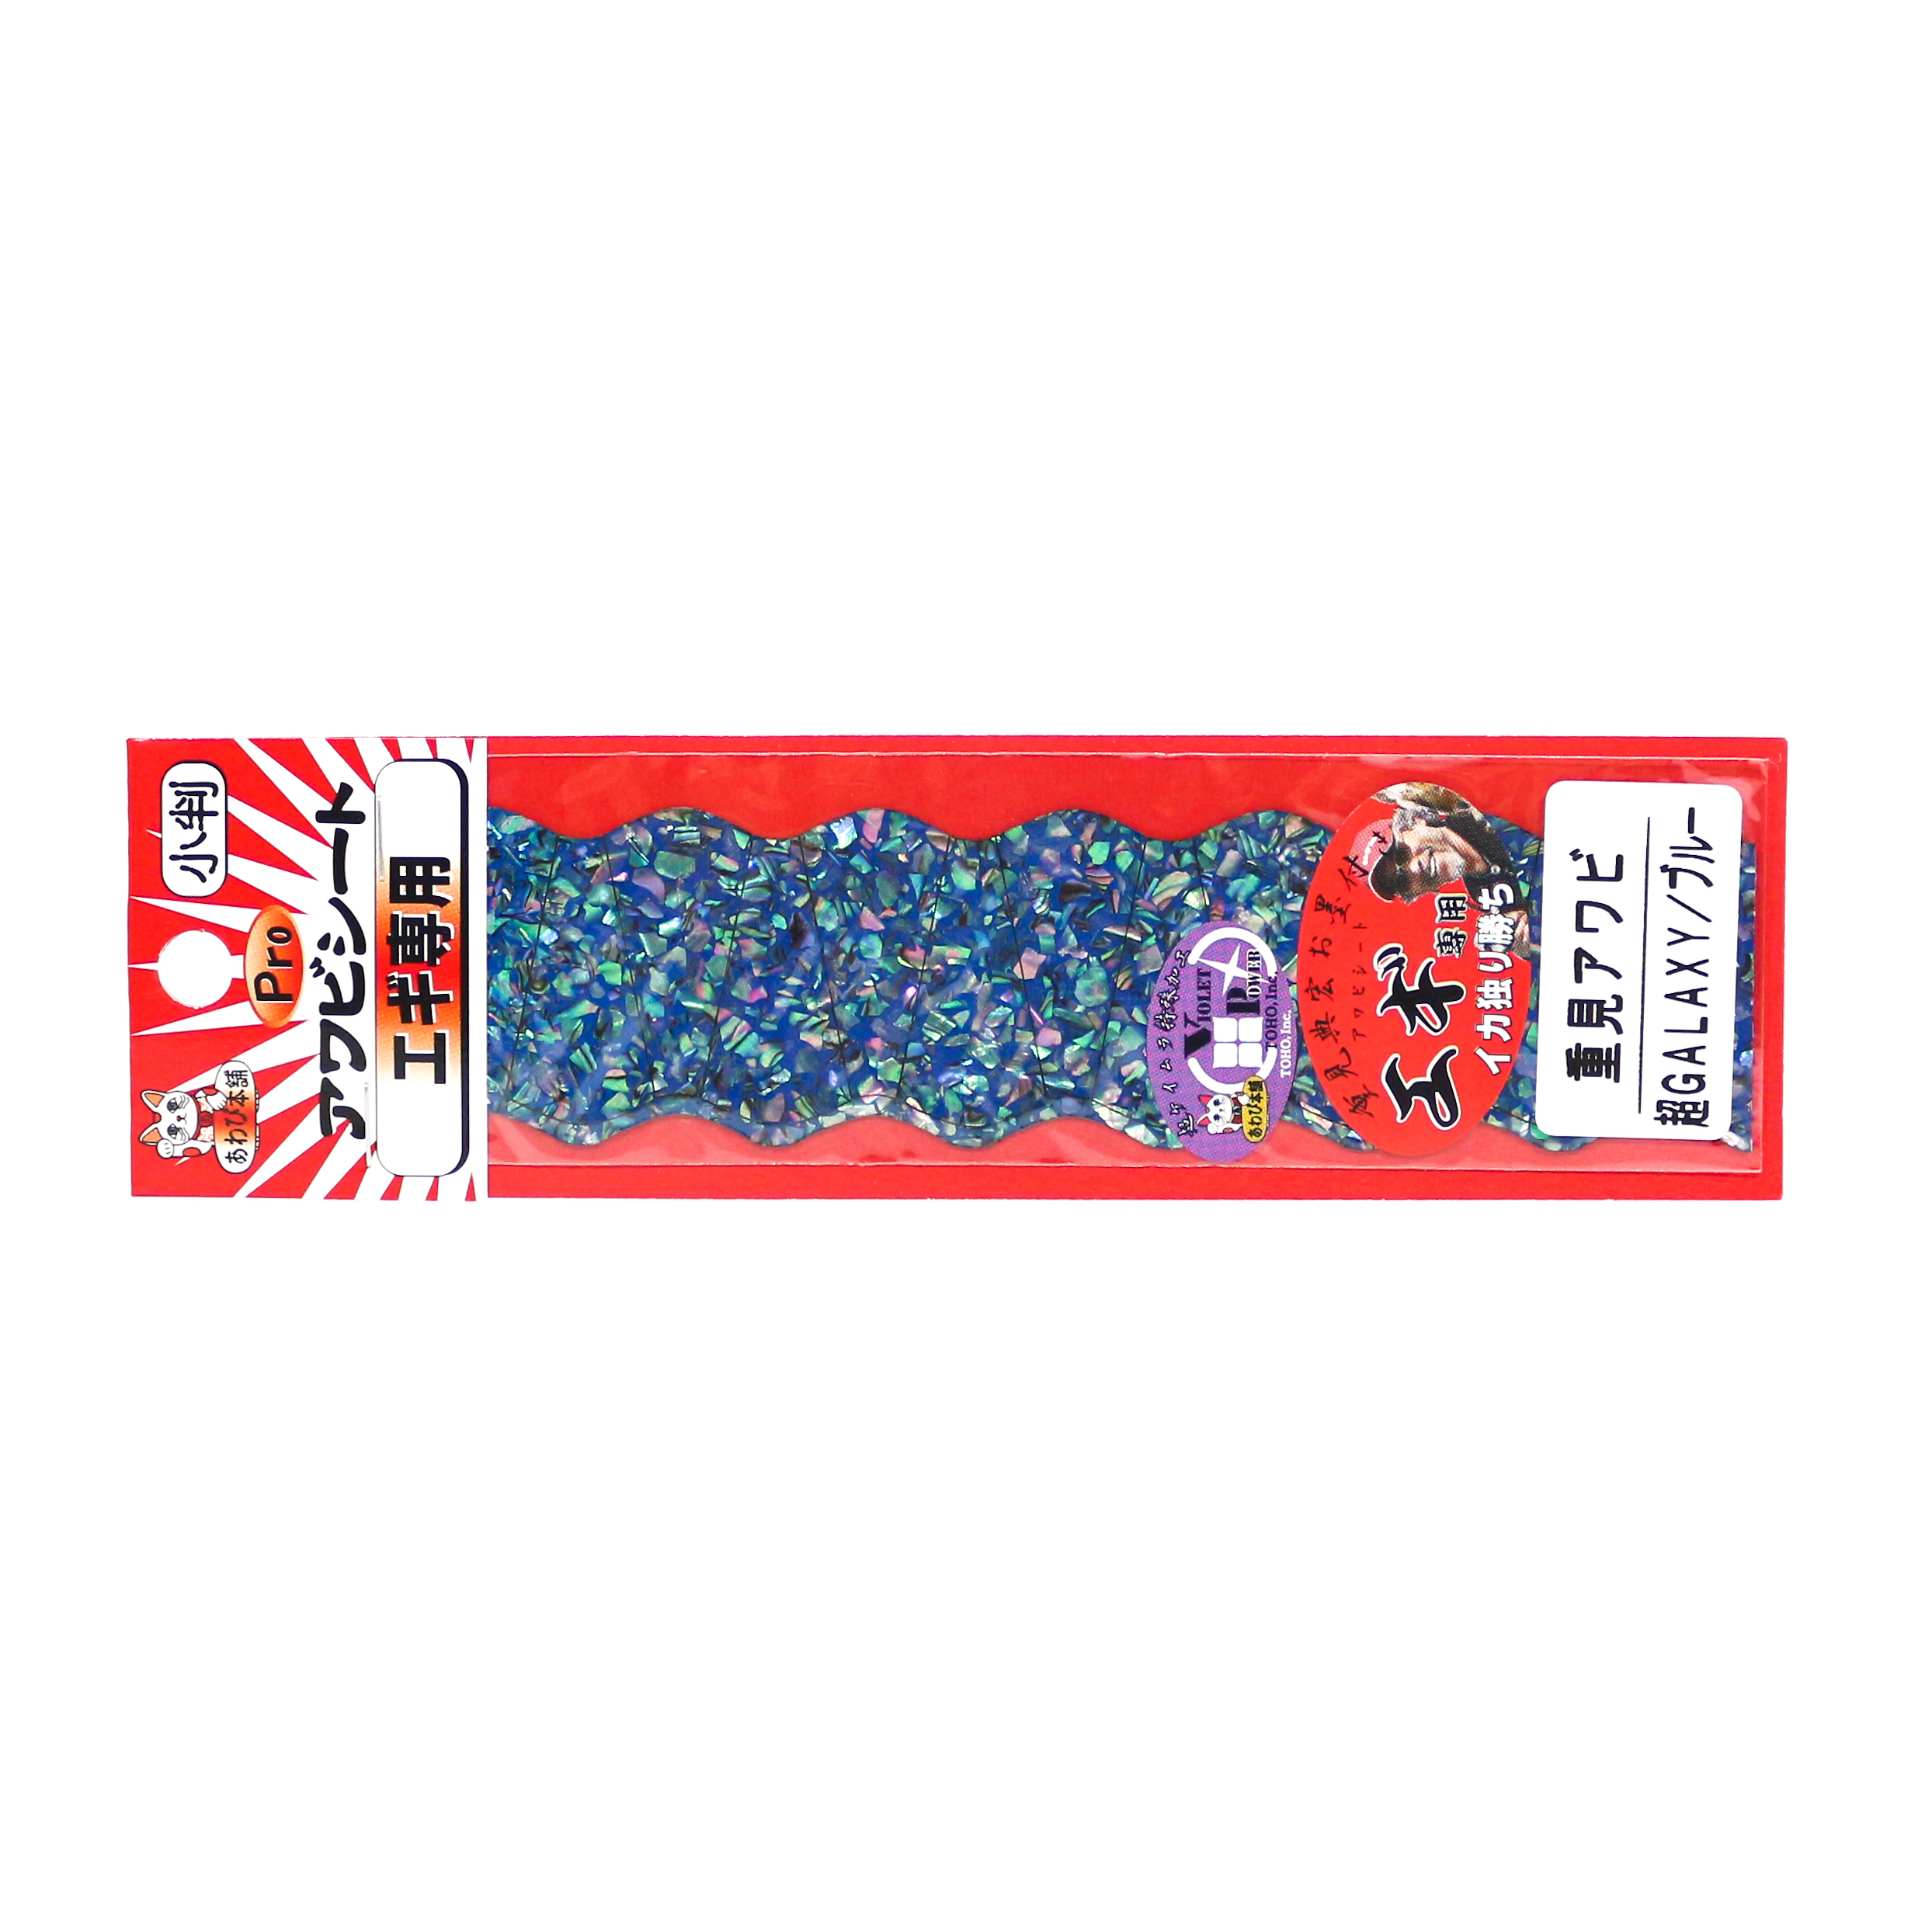 Awabi Honpo Pro Awabi Sheet Shigemi Size S 40 x 140 mm Galaxy/Blue (3115)